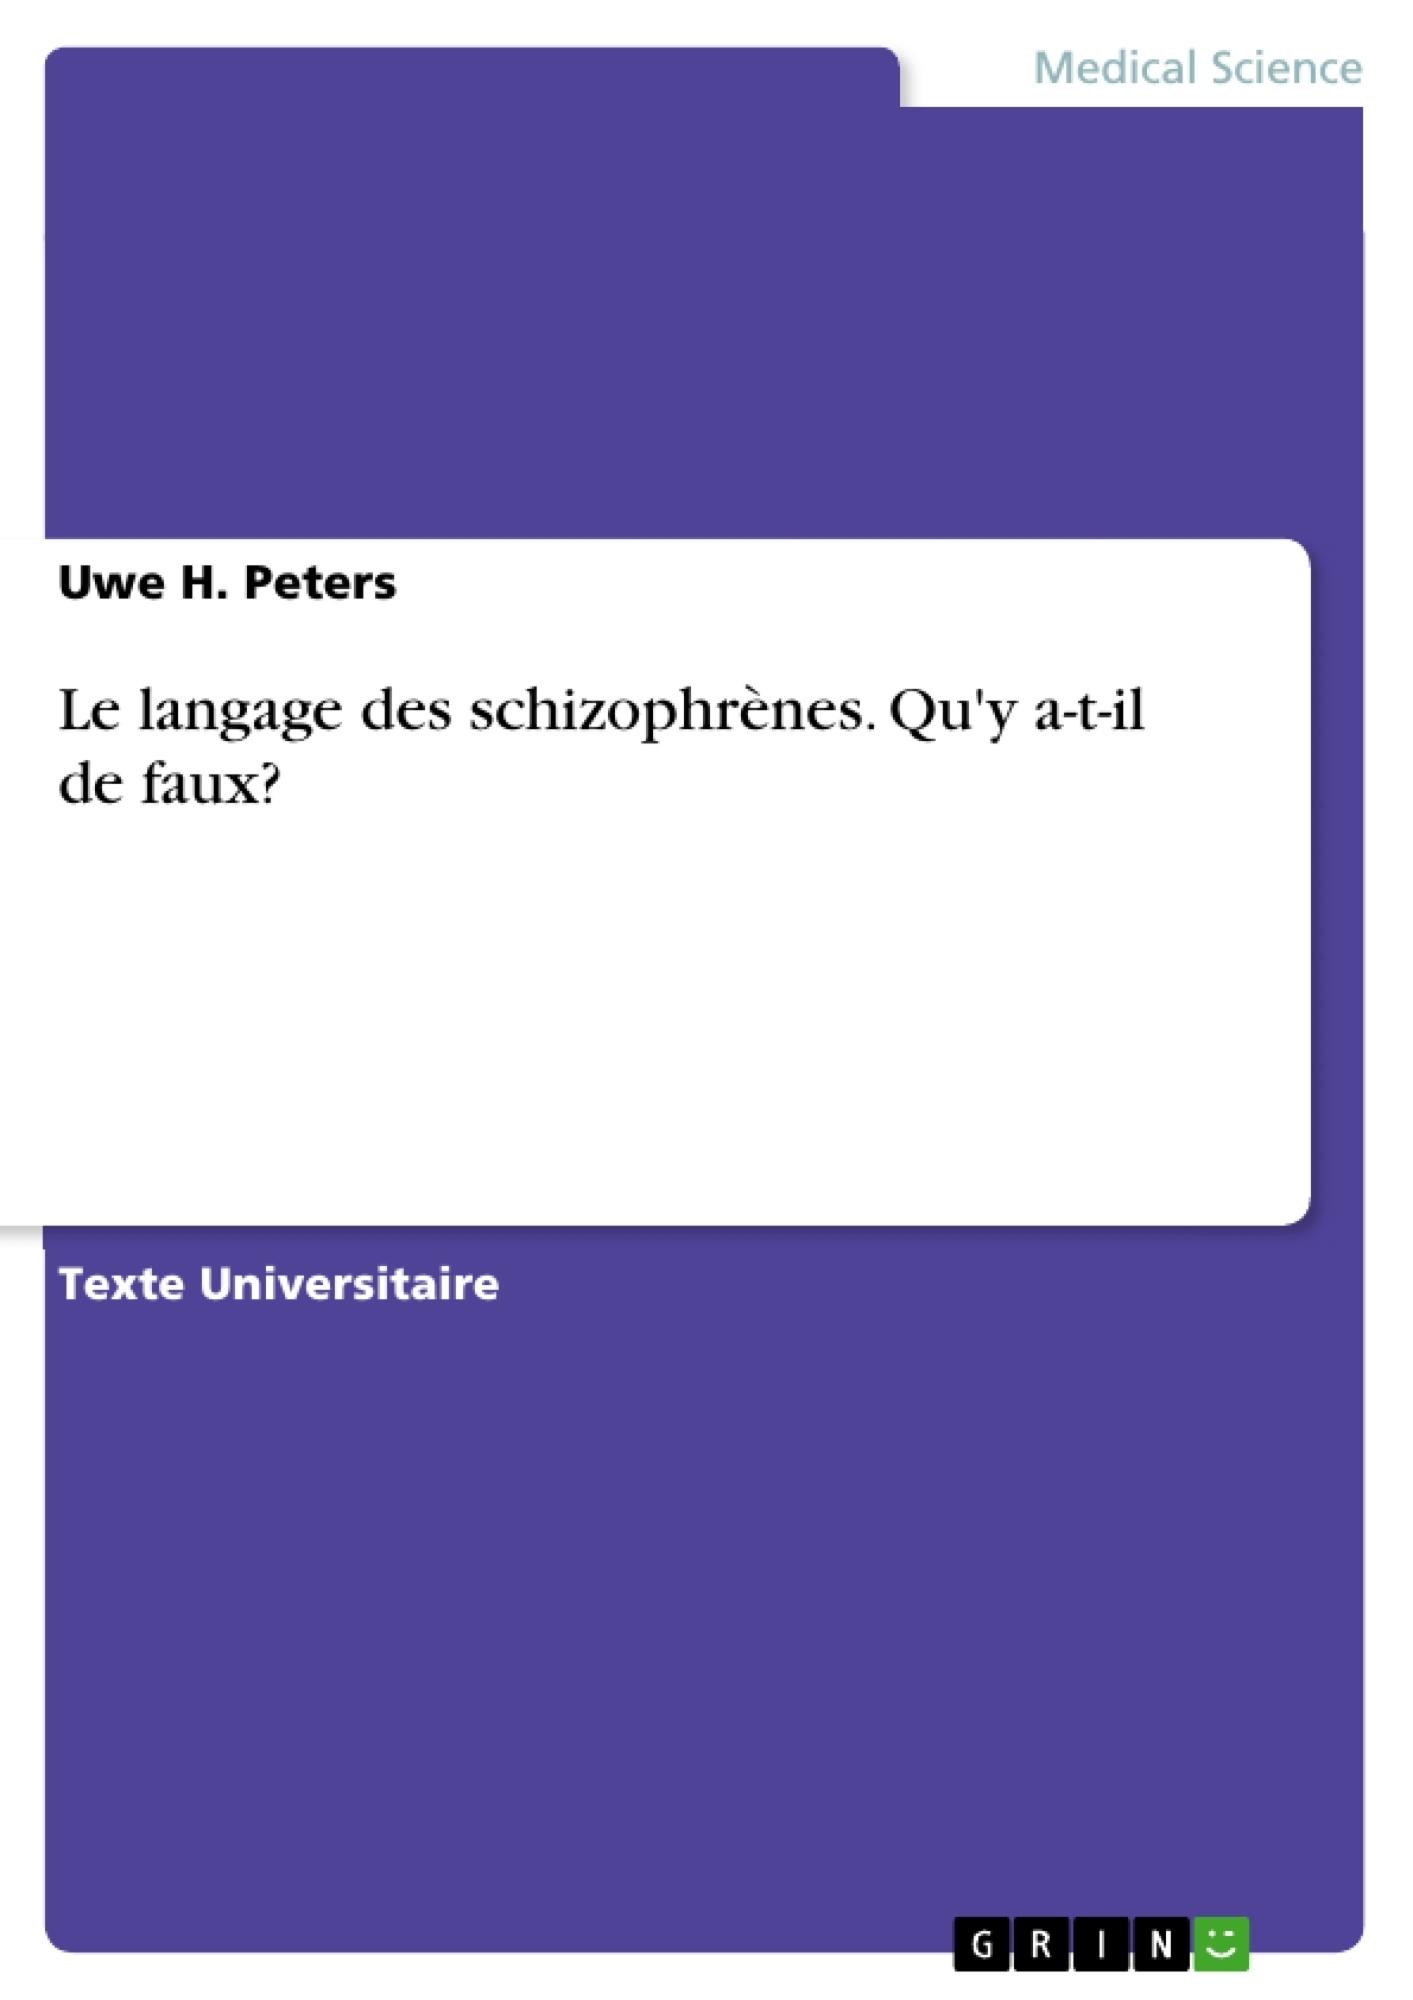 Titre: Le langage des schizophrènes. Qu'y a-t-il de faux?